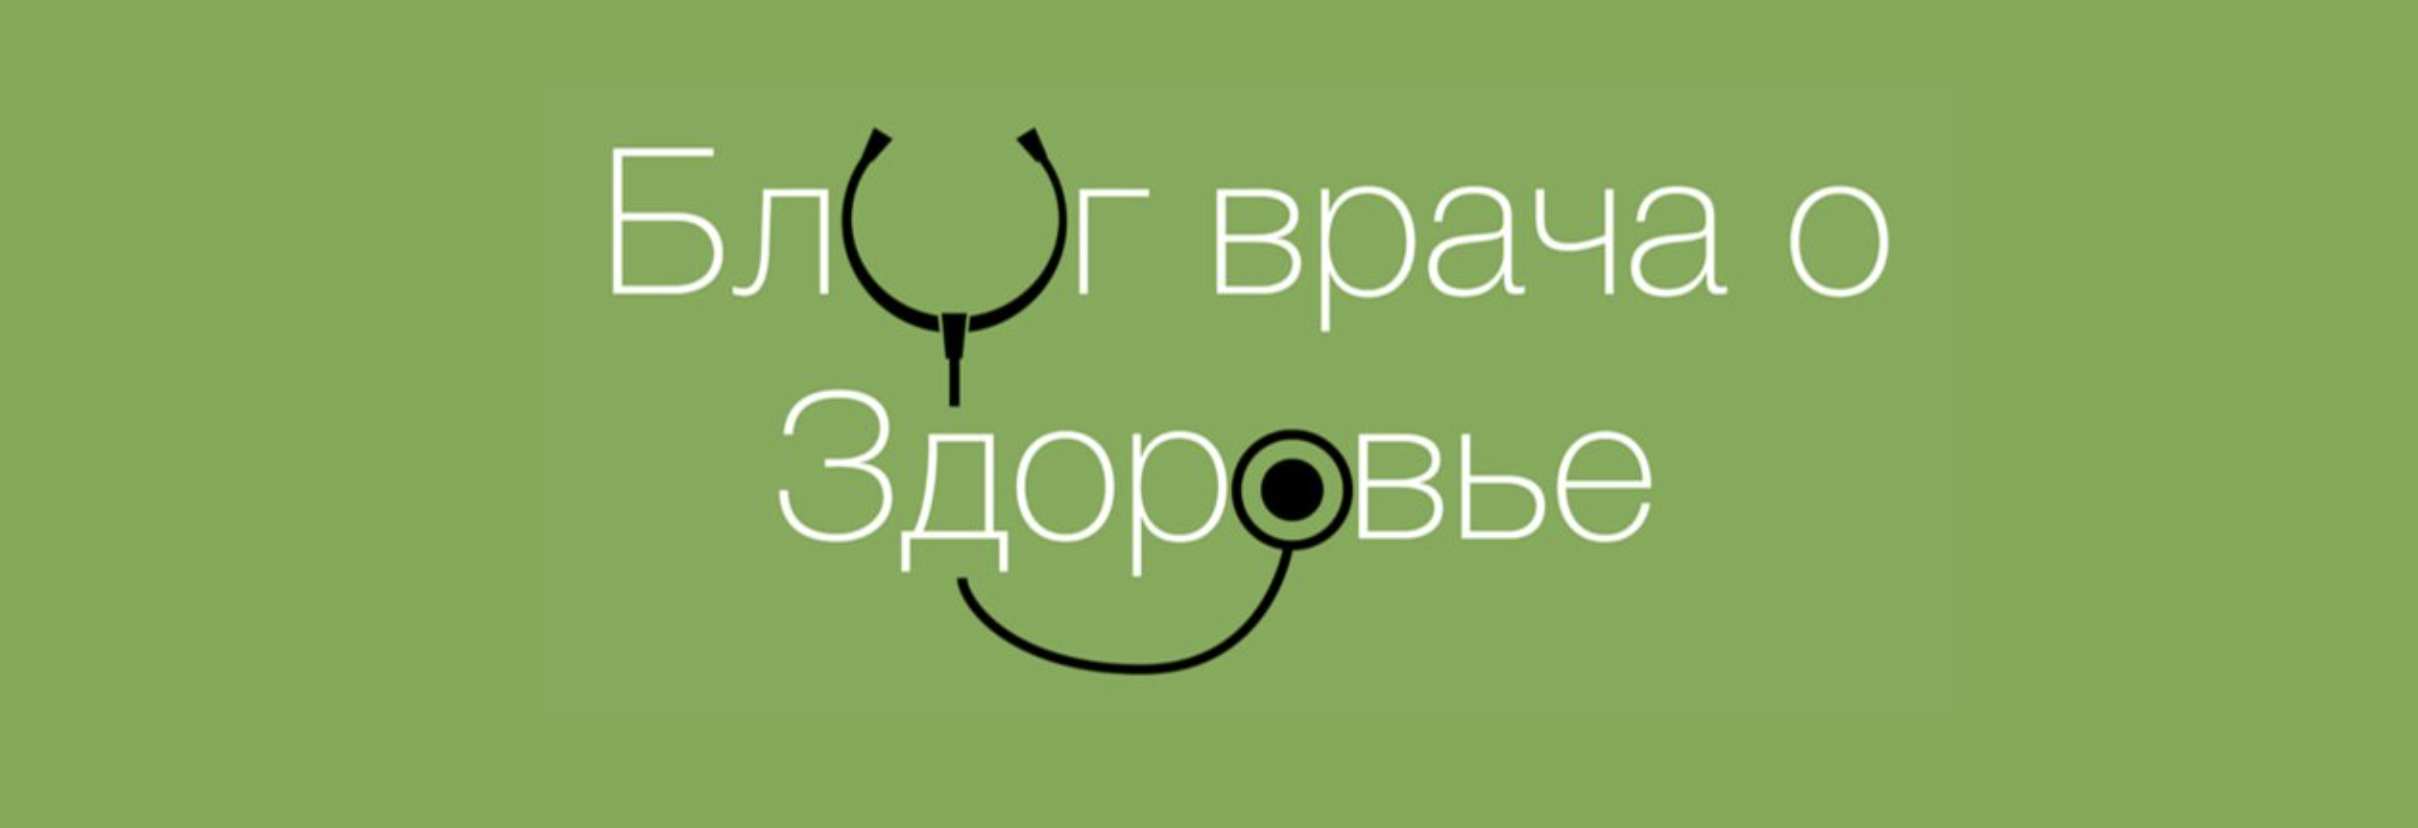 Блог врача о здоровье